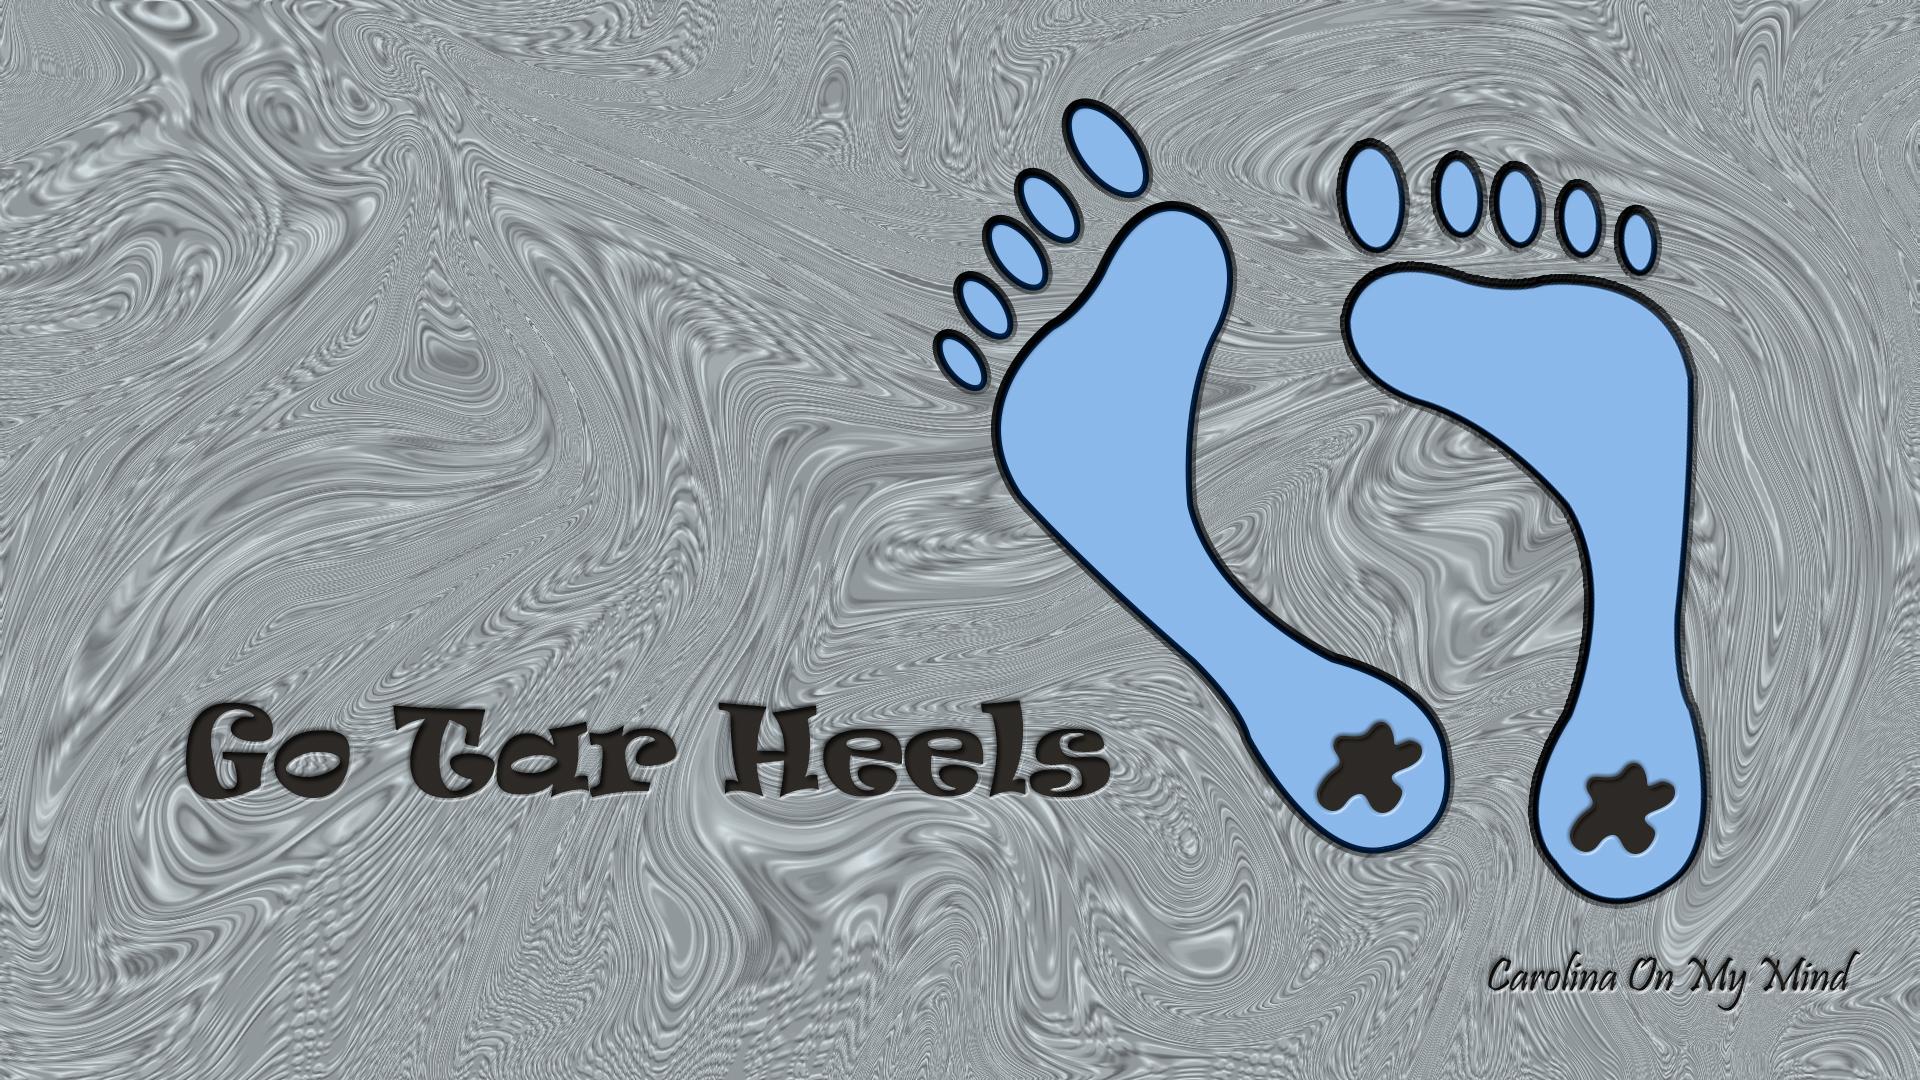 UNC Desktop Wallpaper on Gray Swirl with Tar Heels